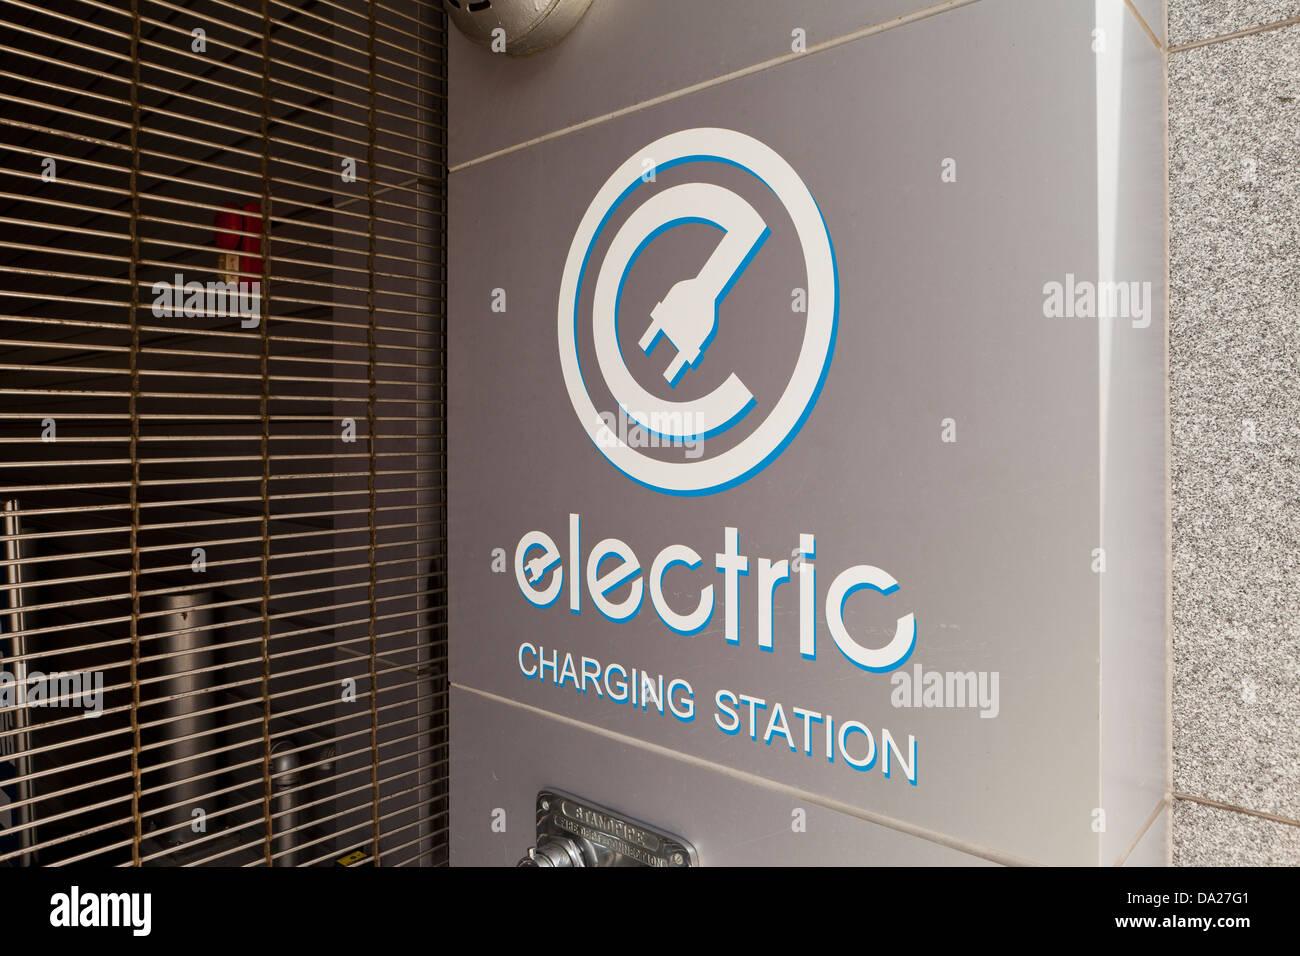 Electric vehicle charging station - Washington, DC USA - Stock Image